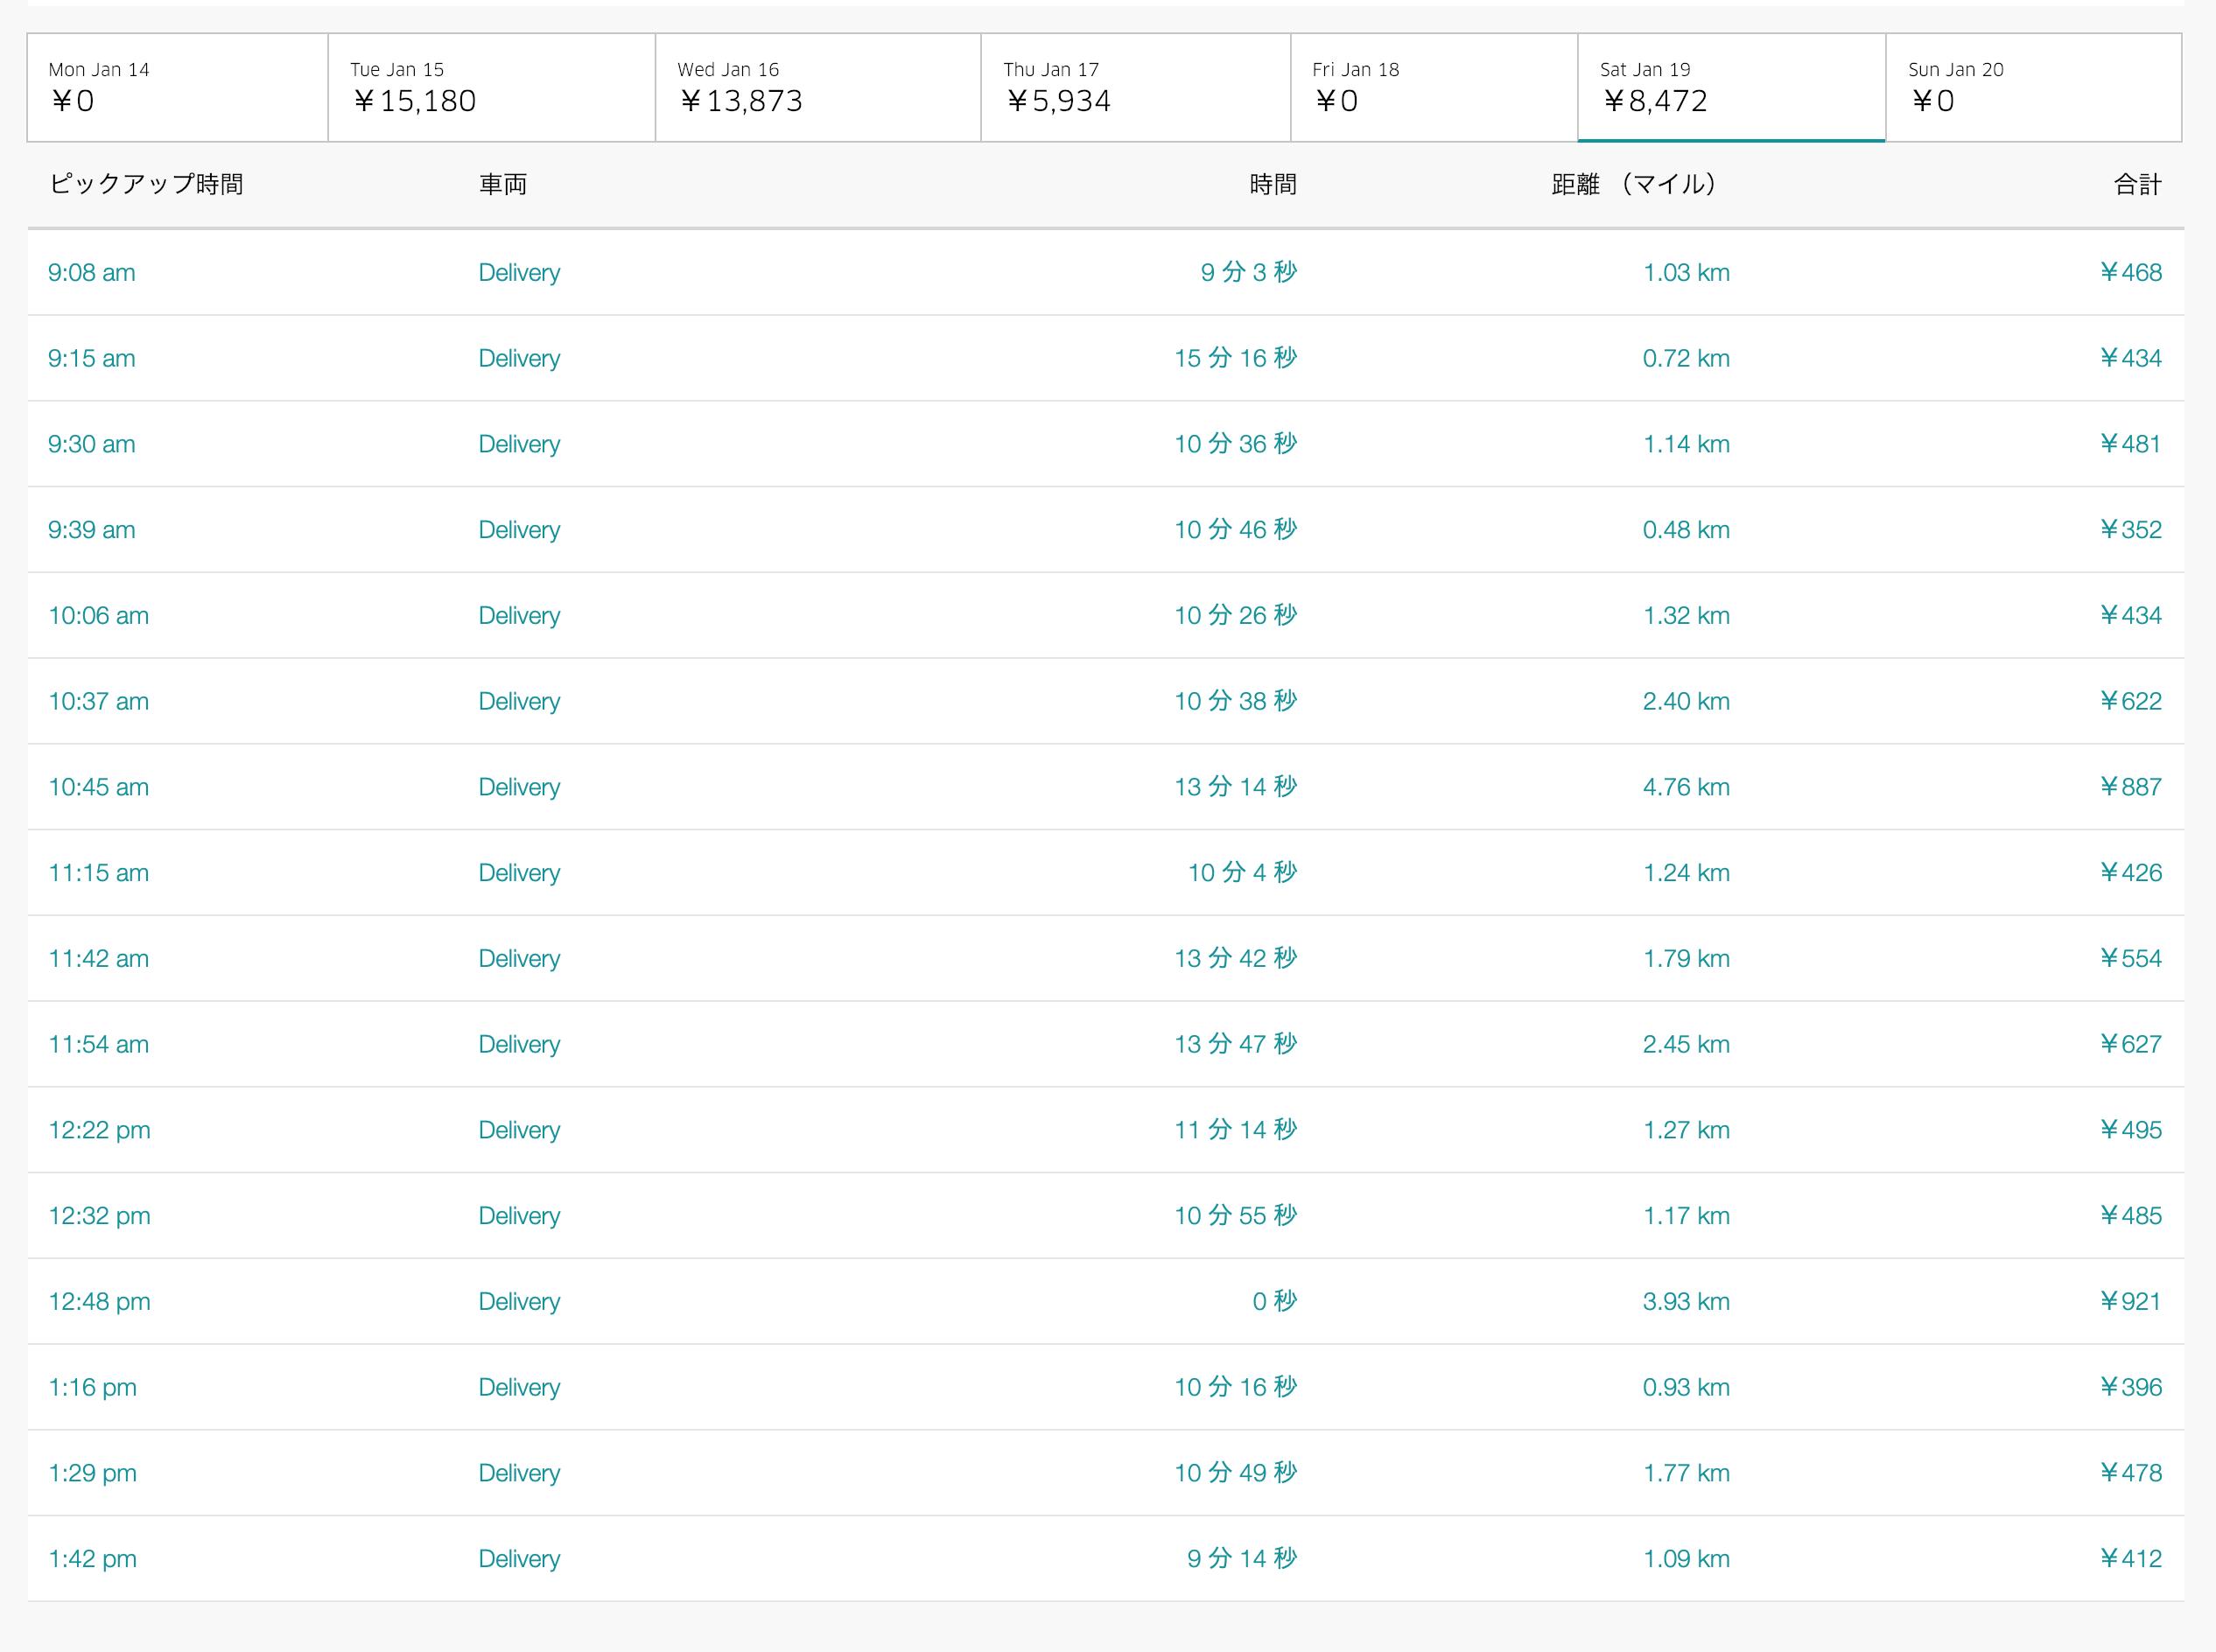 Uber Eats1月19日の配達数字